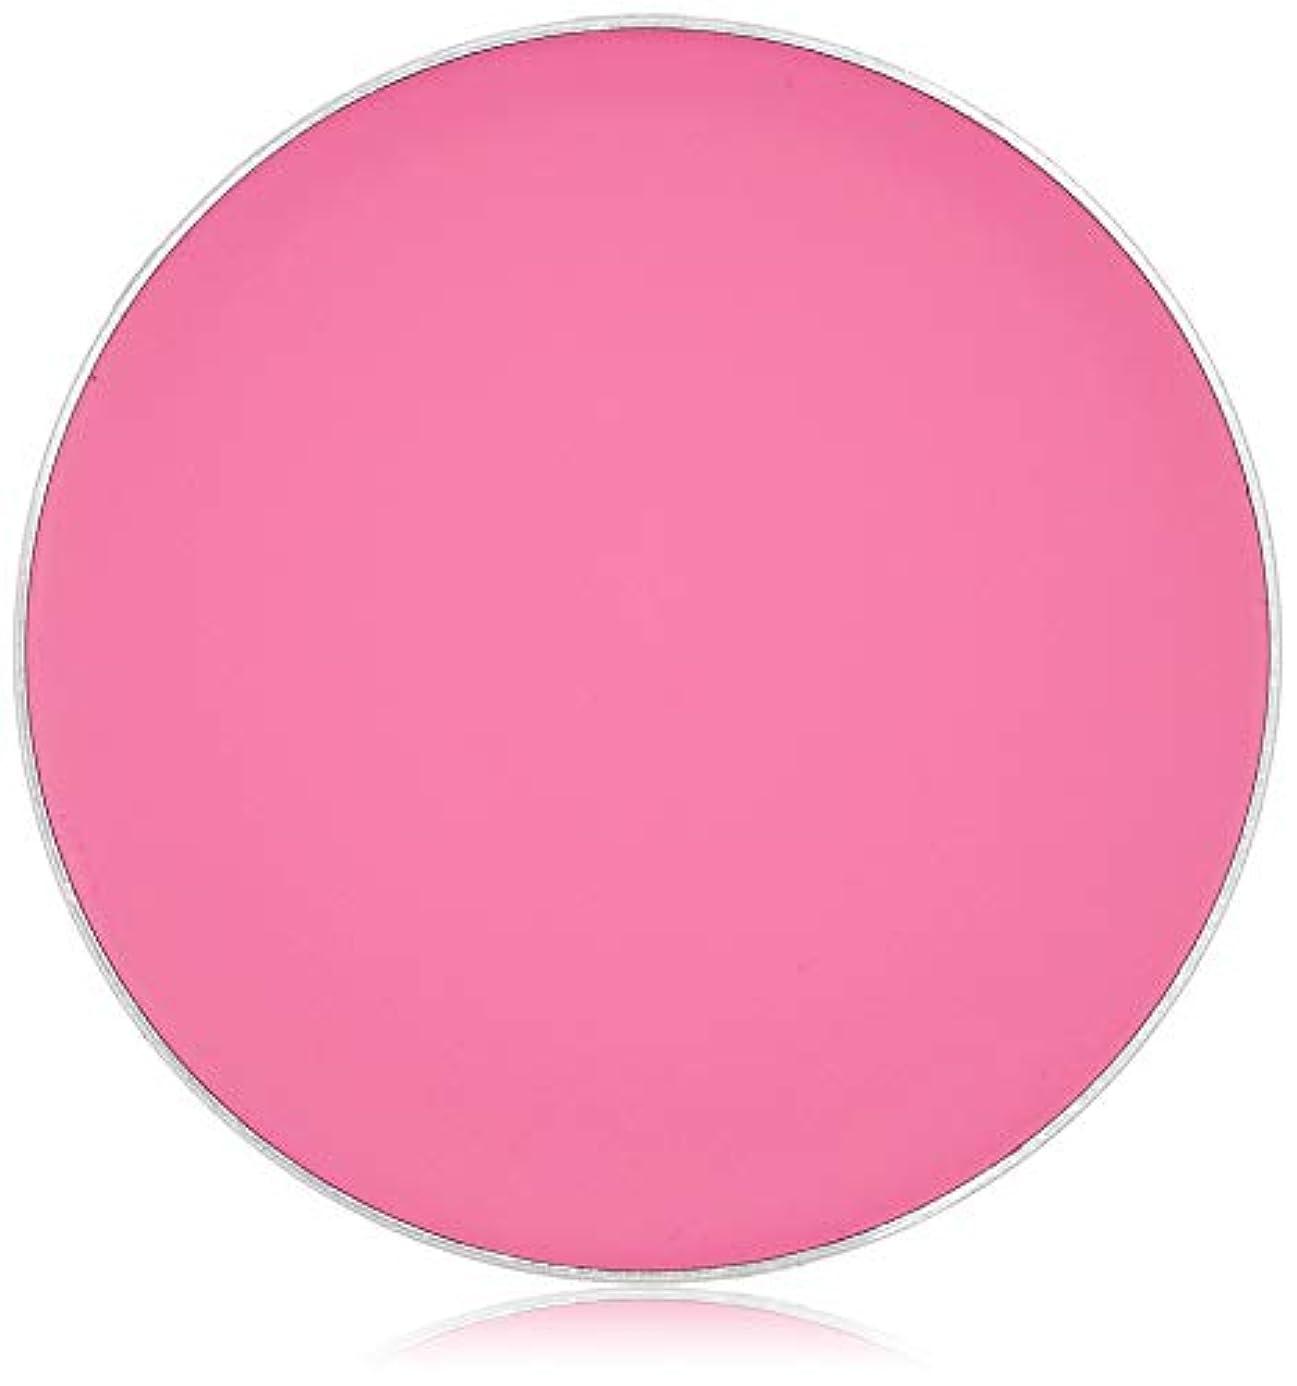 ストレージ恐ろしいです普遍的なキッカ フローレスグロウ フラッシュブラッシュ 07 肌をより明るく際立たせる、鮮やかな青みピンク。 チーク